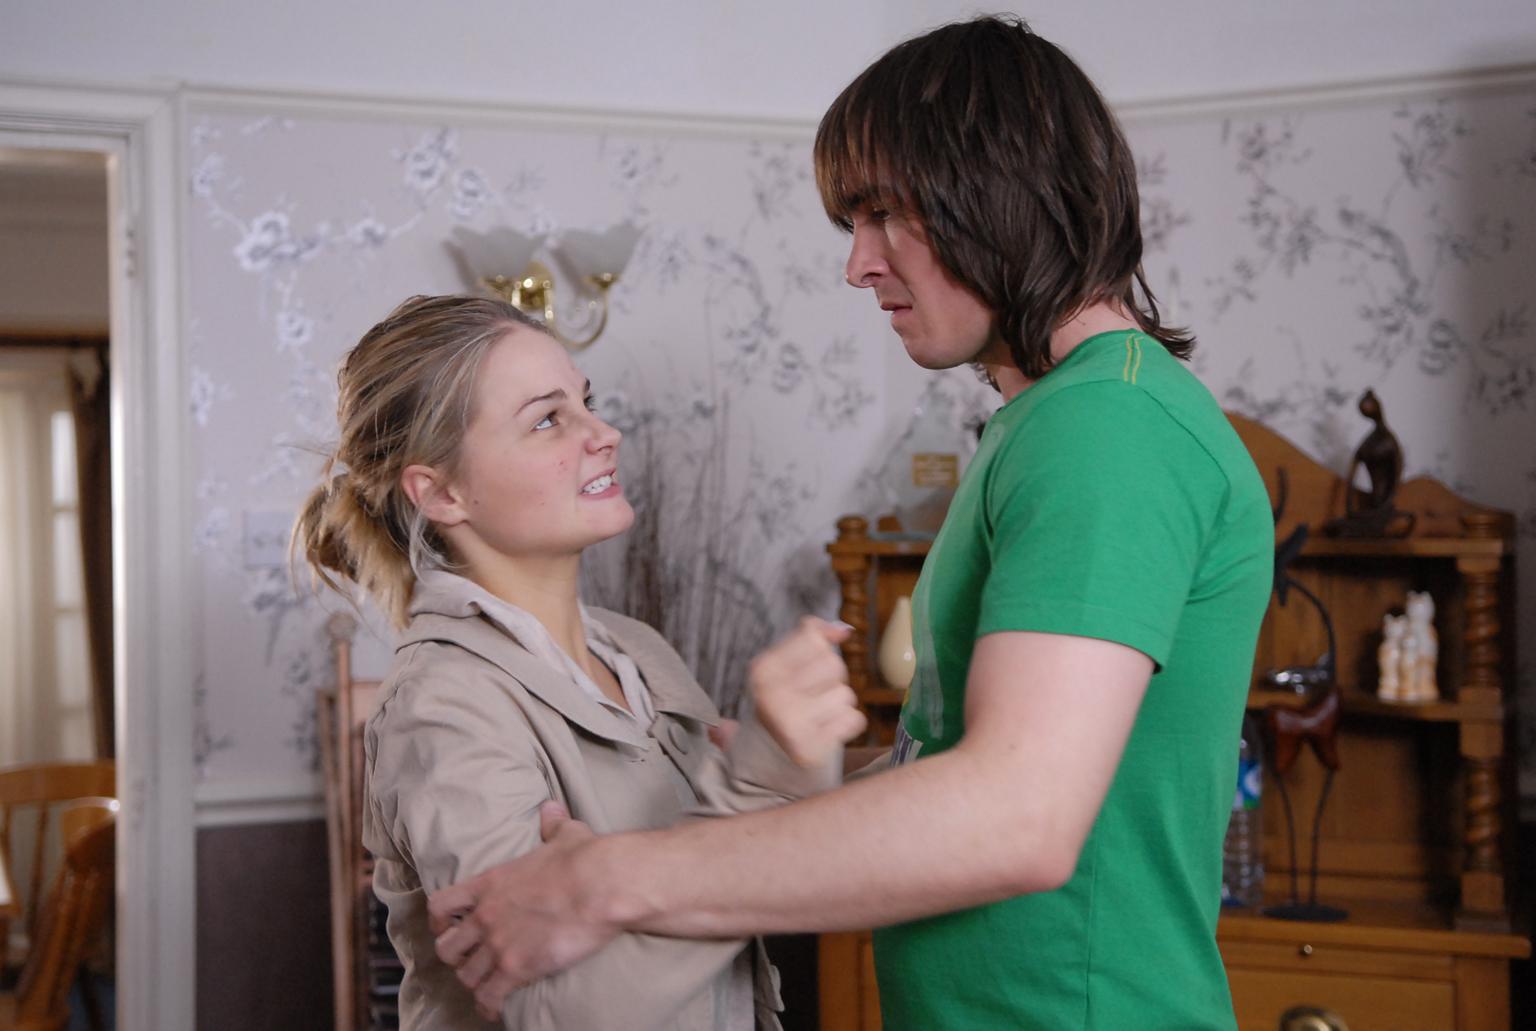 Hannah threatens Gilly